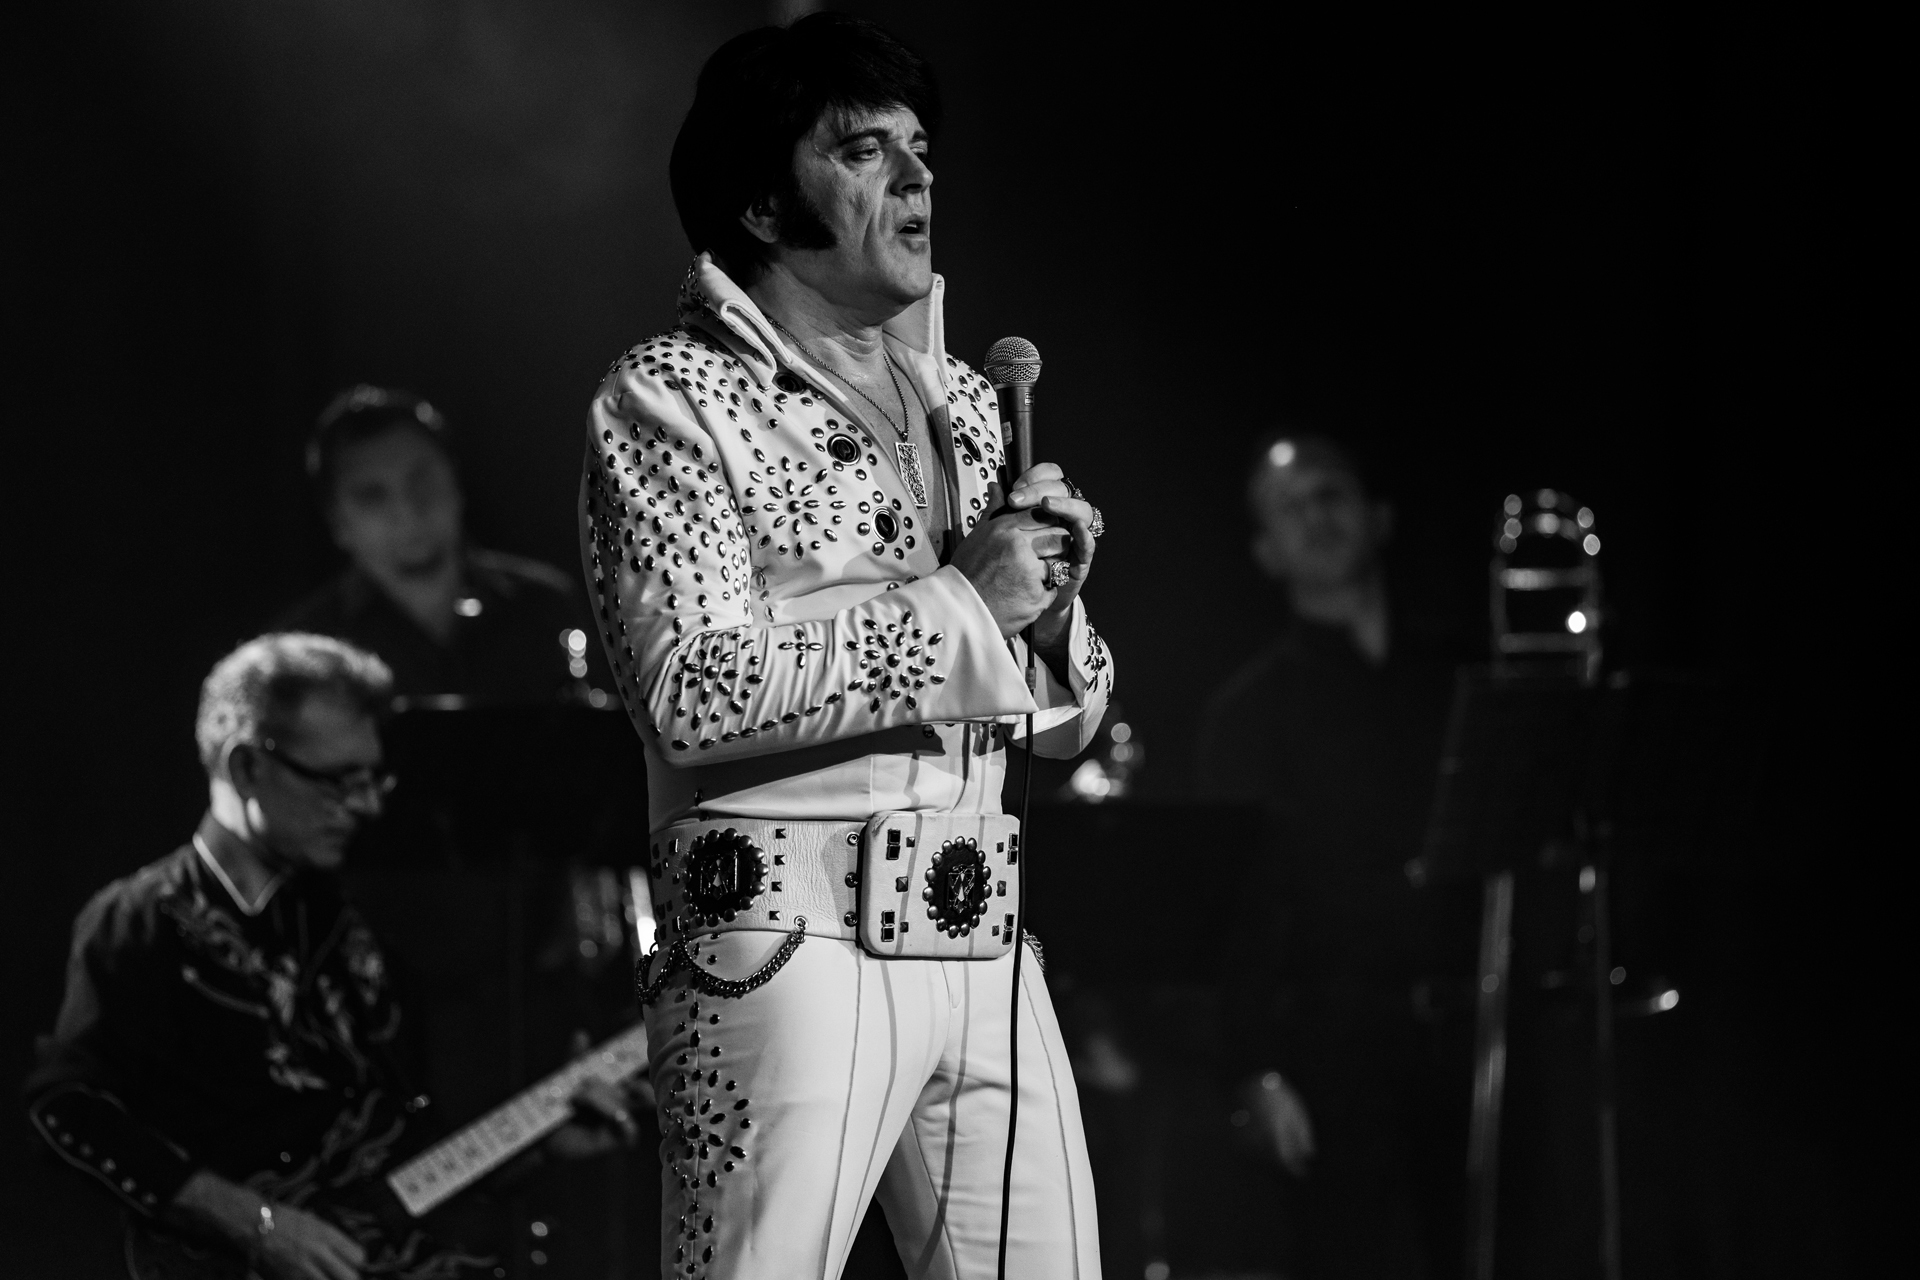 2020_01_14-we4show-Elvis-©-Luca-Vantusso-213353-GFXS2213